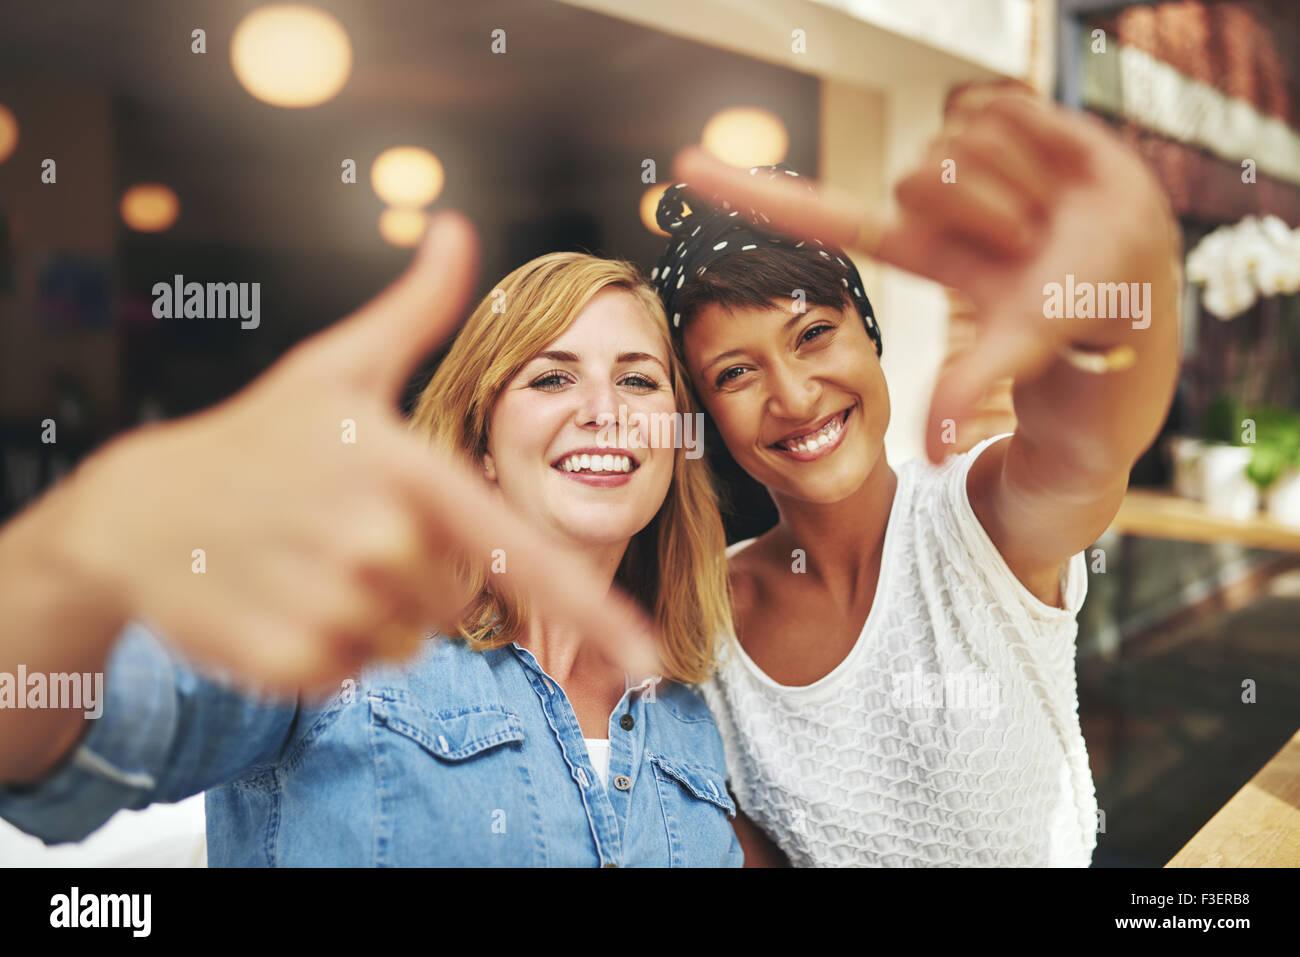 Las mujeres jóvenes vivaces enmarcar sus rostros con un dedo el bastidor en un divertido gesto creativo como Imagen De Stock